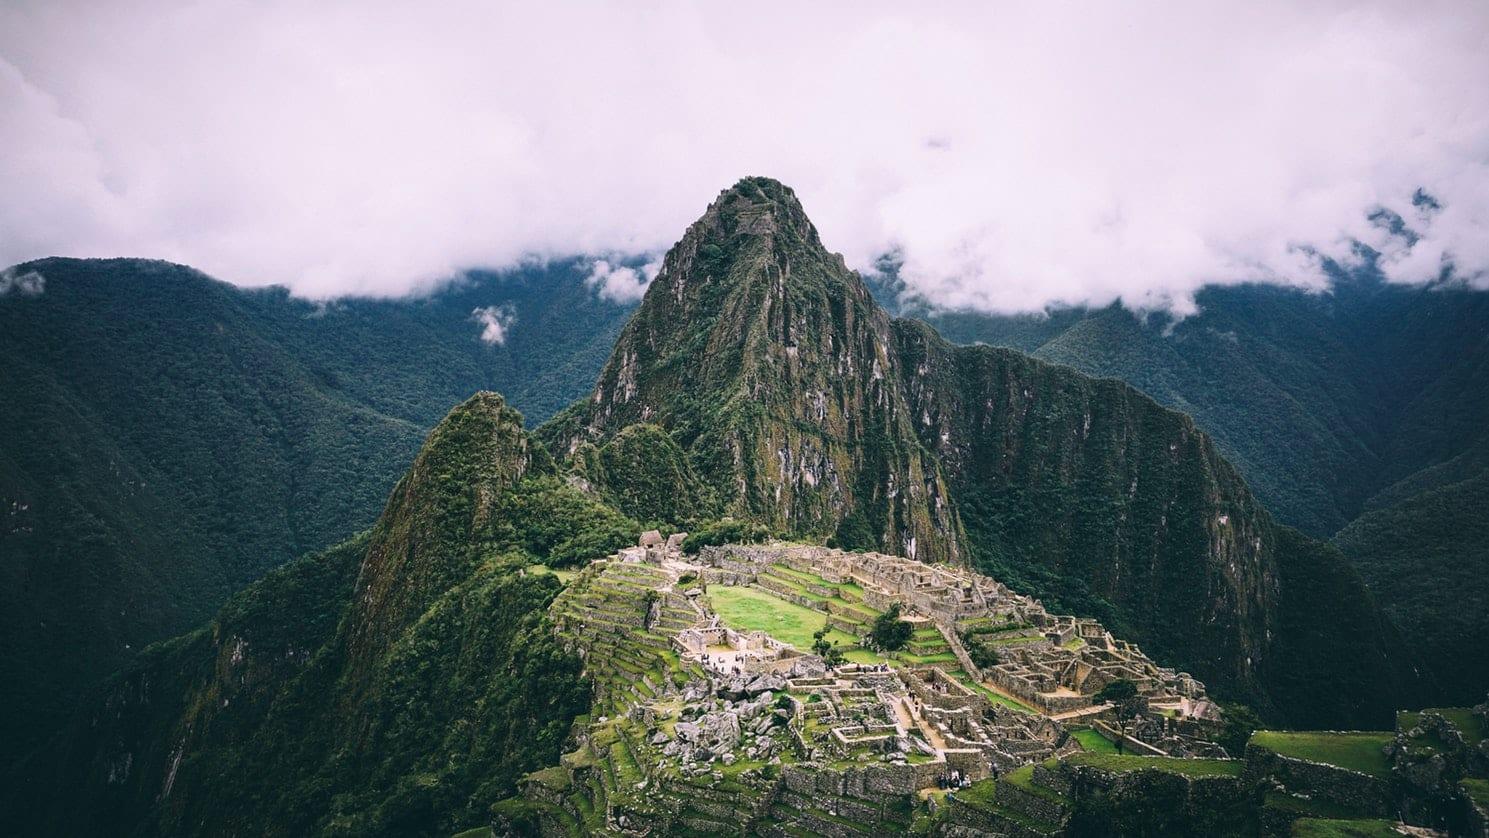 Stage en Amérique Latine, ce que tu ignorais sur le Machu Picchu